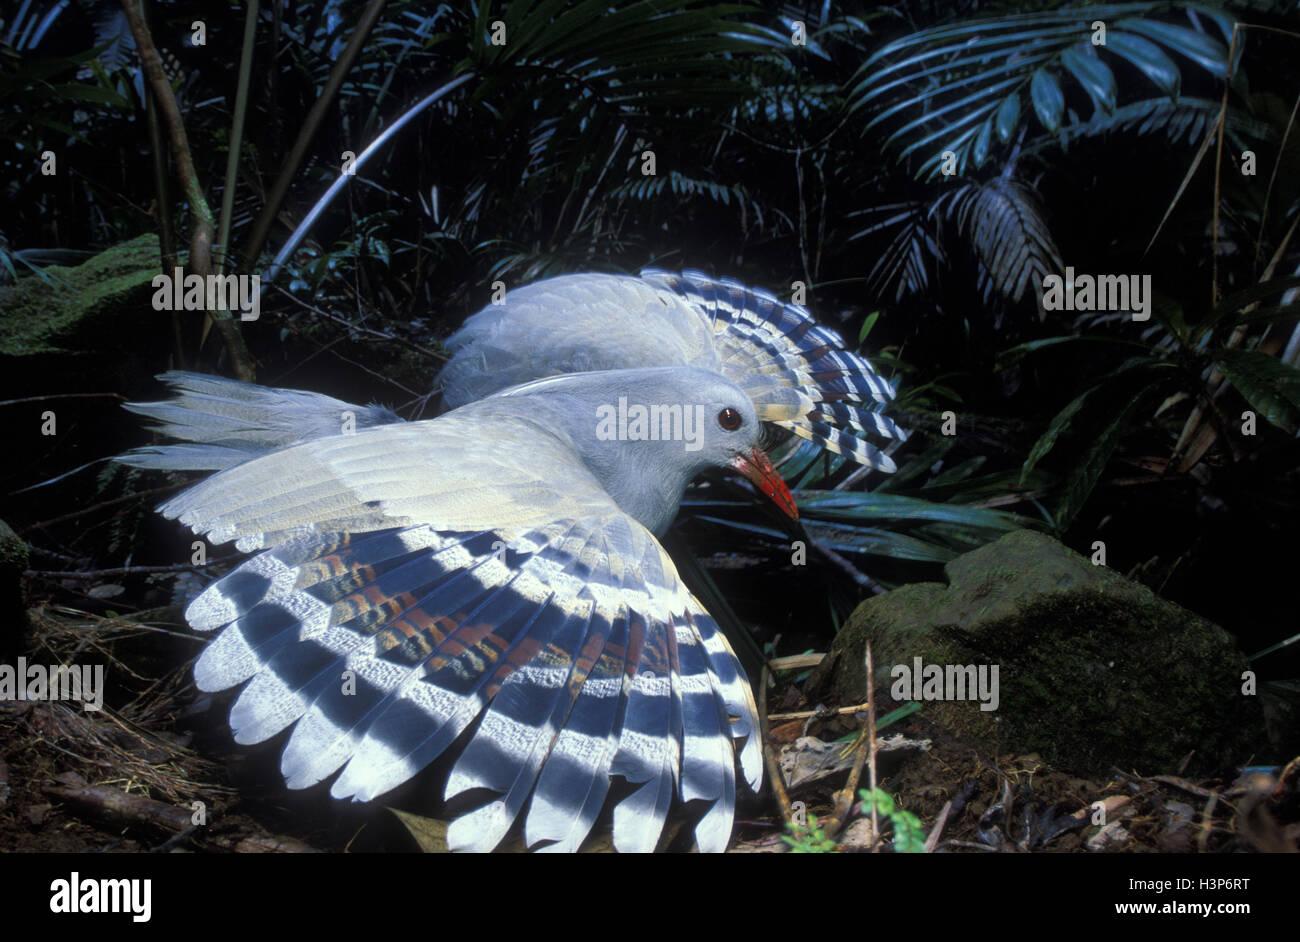 Kagu (Rhynochetos jubatus) - Stock Image